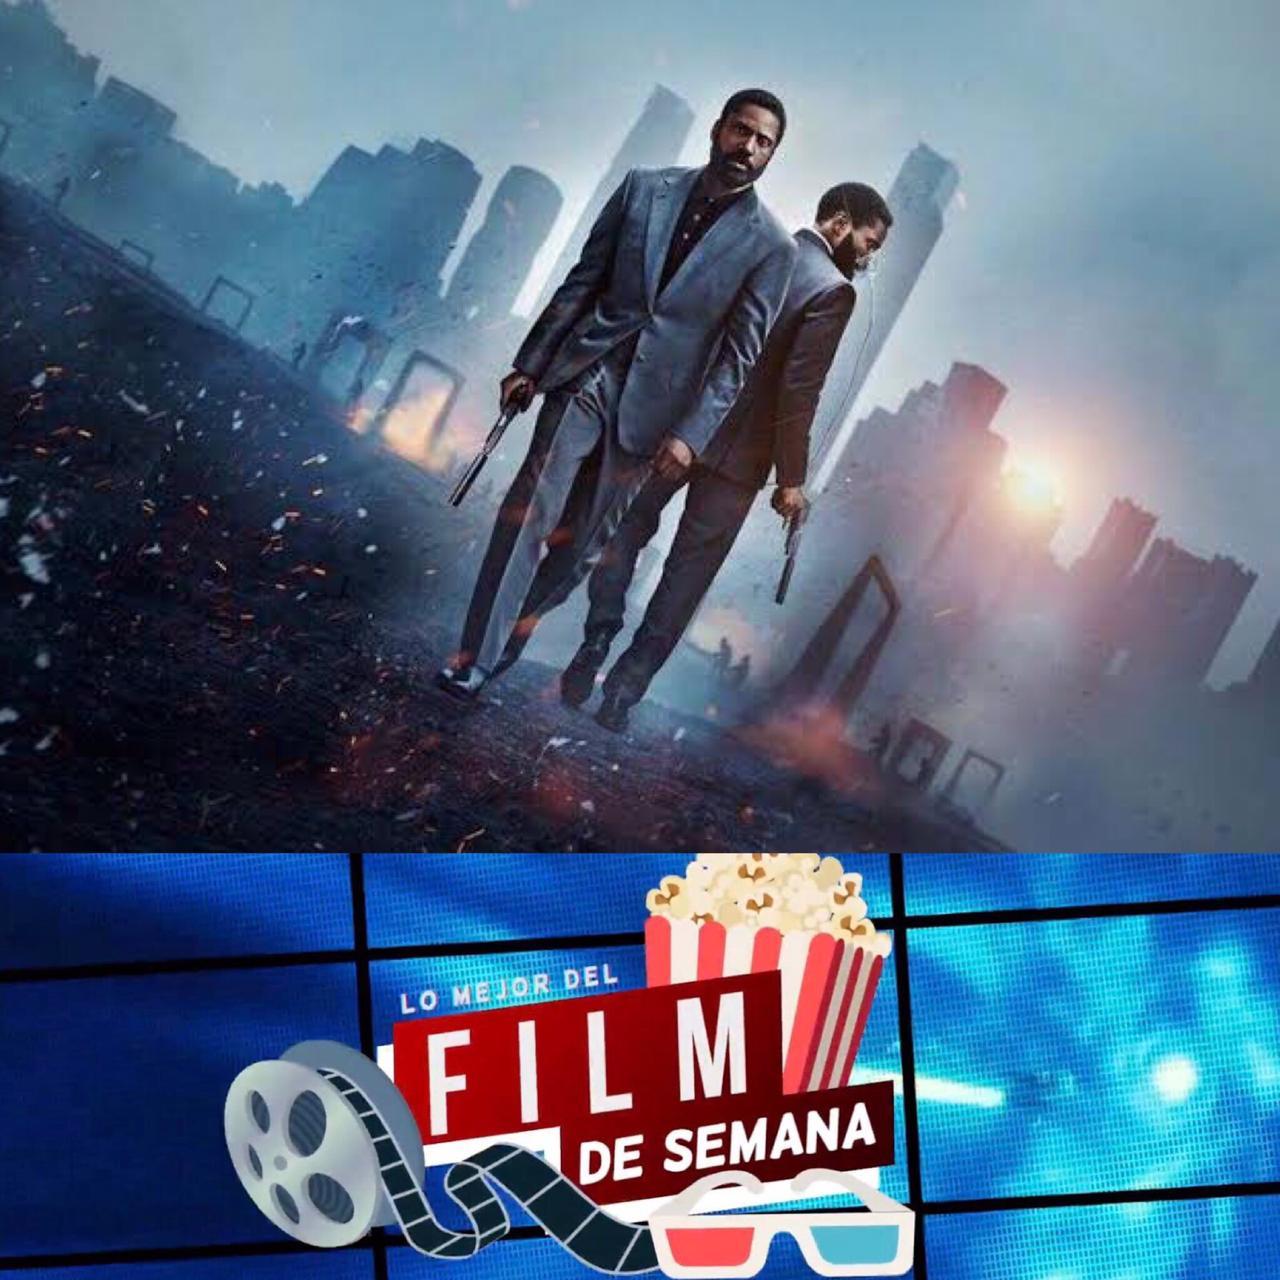 El Film de la Semana La manipulación del tiempo para salvar al mundo